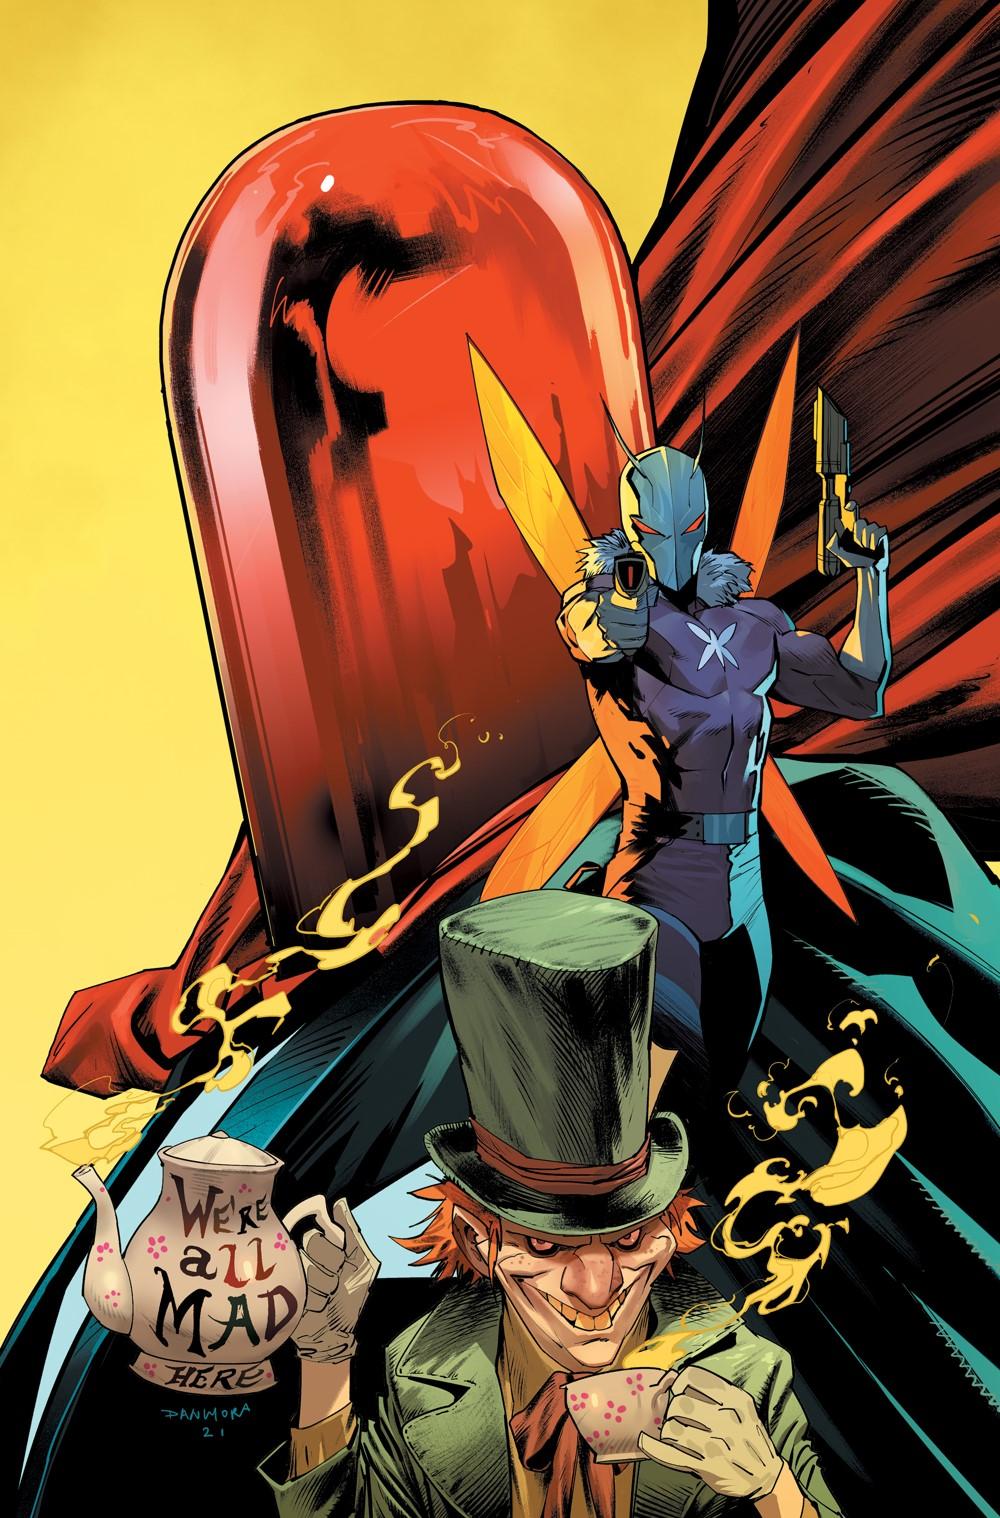 GOTHAM-VILLAINS-VARIANT_MORA DC Comics November 2021 Solicitations